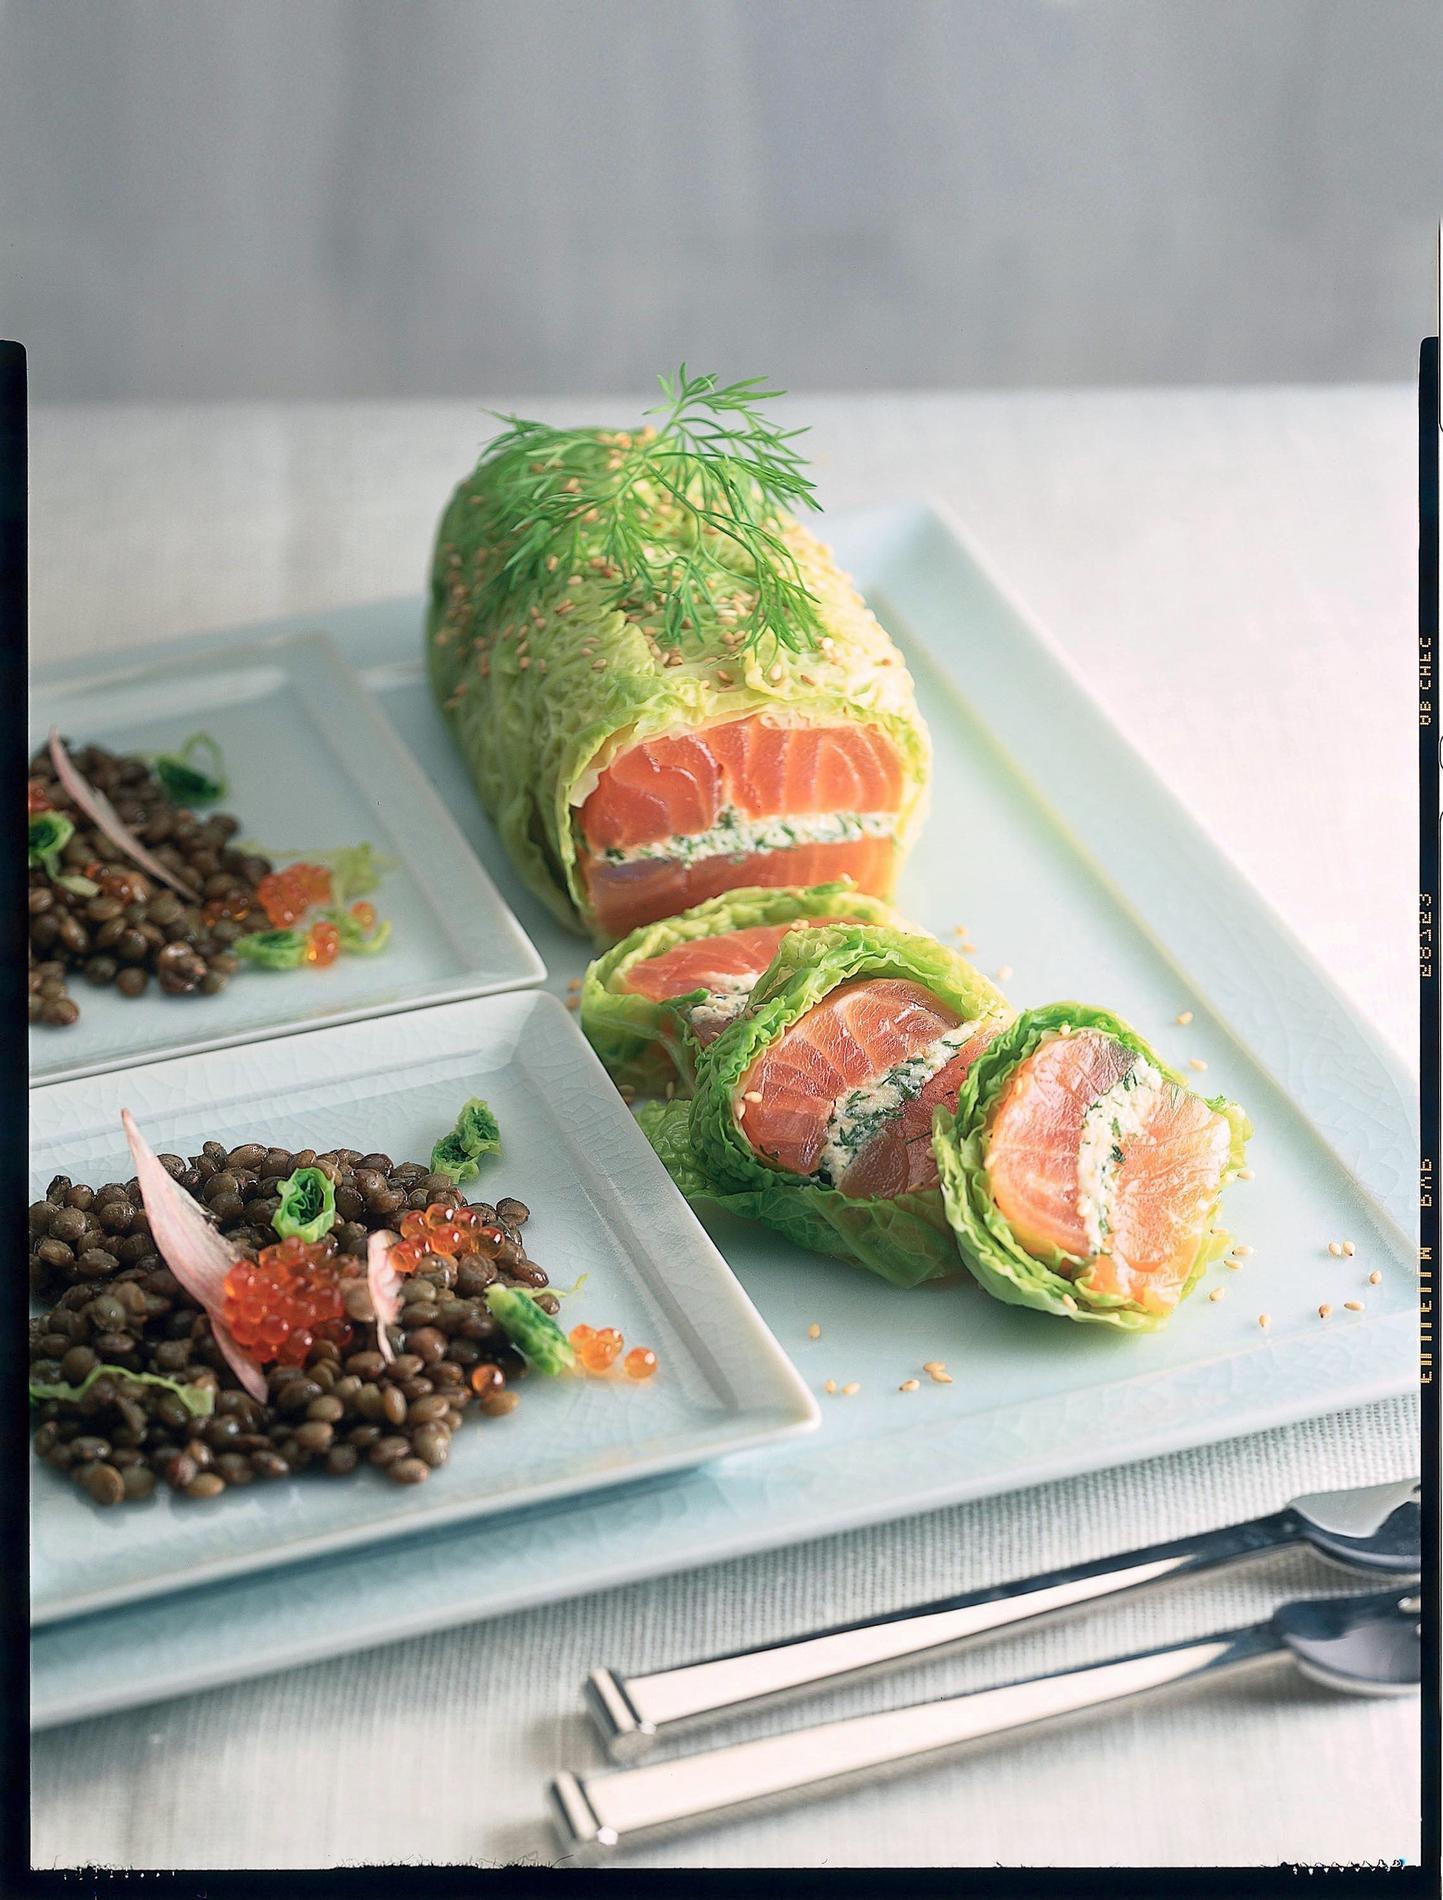 le saumon en dix recettes chic et faciles cuisine madame figaro. Black Bedroom Furniture Sets. Home Design Ideas